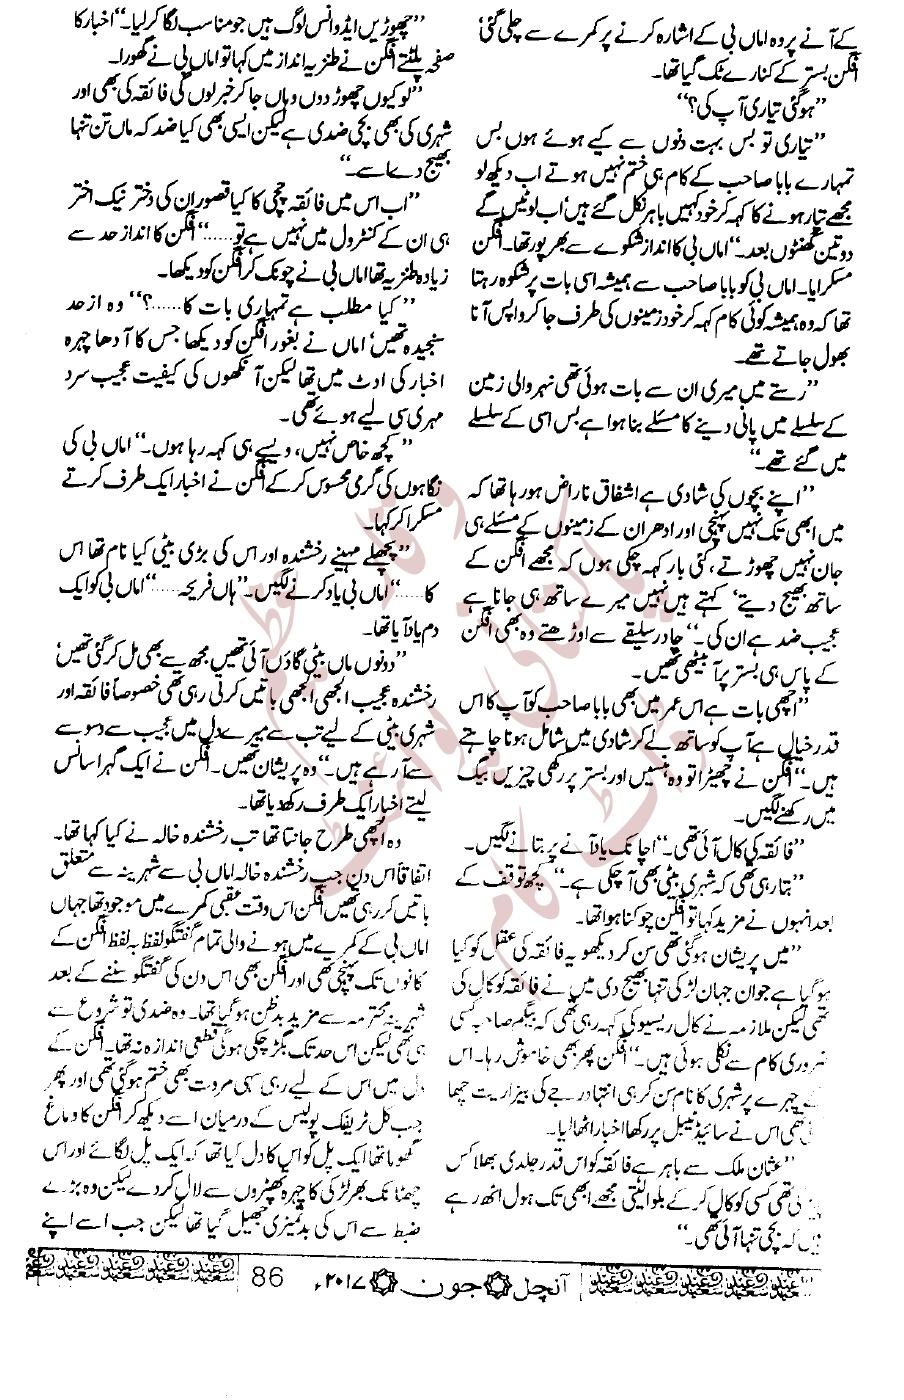 Readdersden: Junoon se ishq by Sumera Shareef epi 1